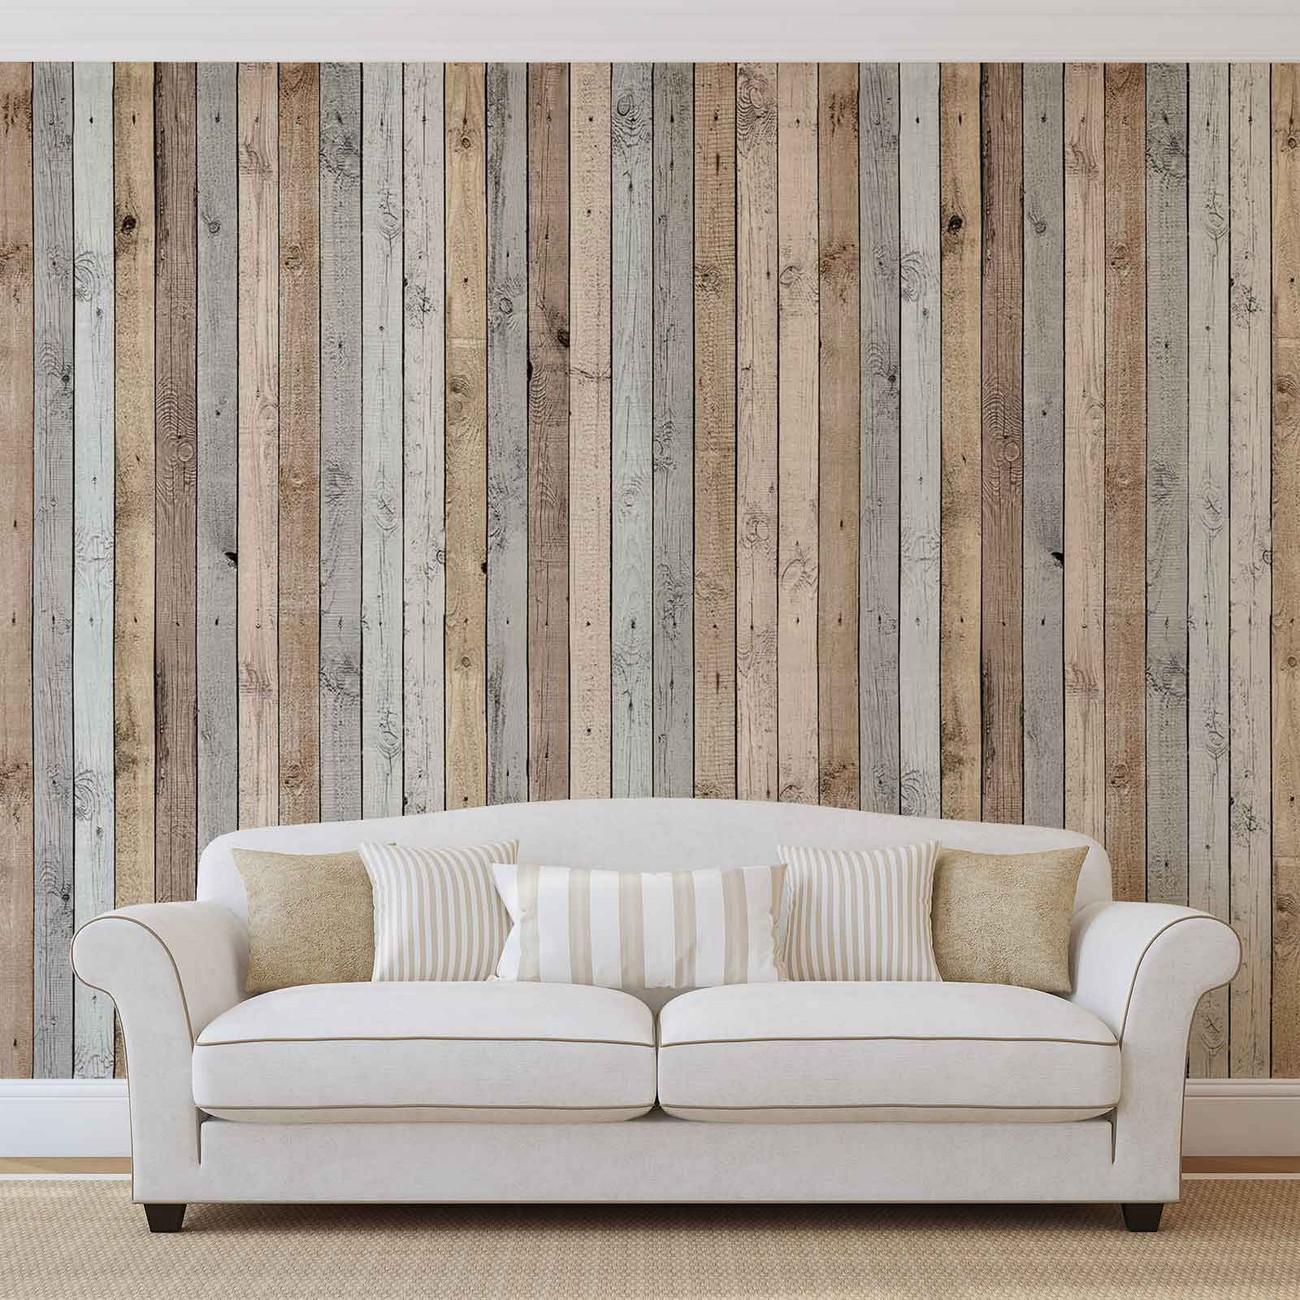 Fotomurale textura de tablones de madera papel pintado - Tablones de madera segunda mano ...